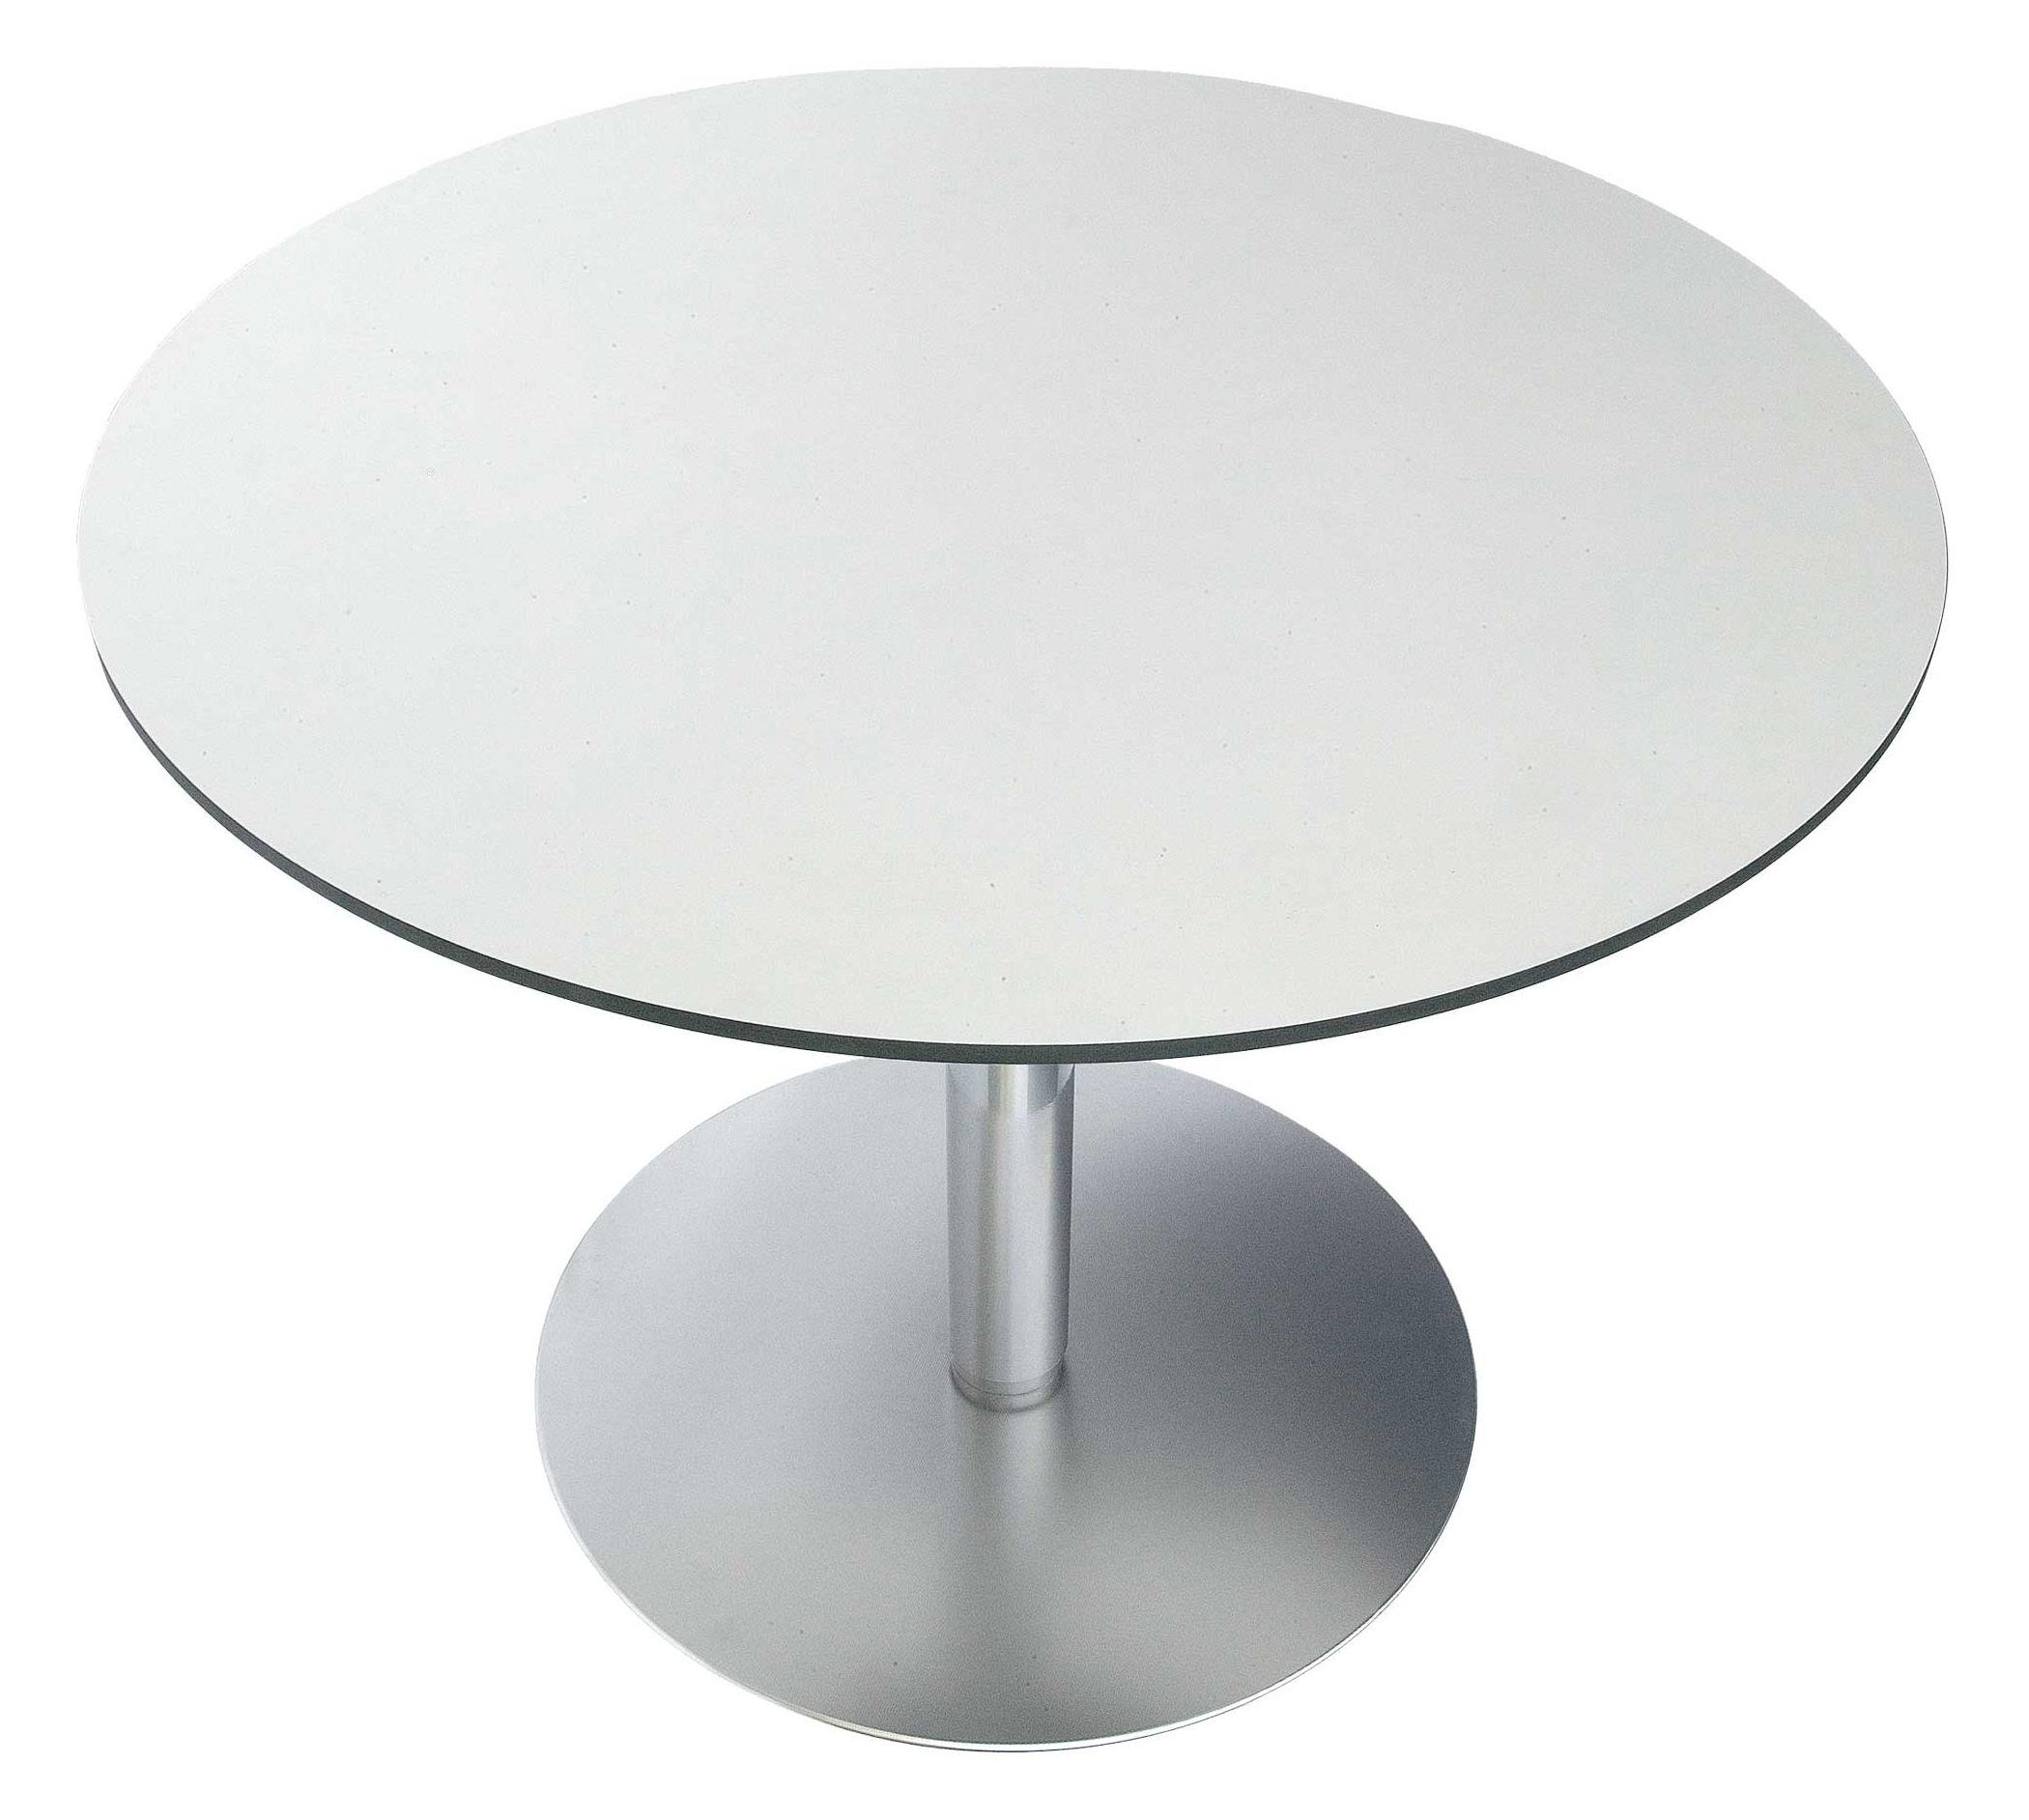 Arredamento - Tavoli - Tavolo rotondo Rondo - Ø 120 cm di Lapalma - Laminato bianco - Acciaio inossidabile, Laminato